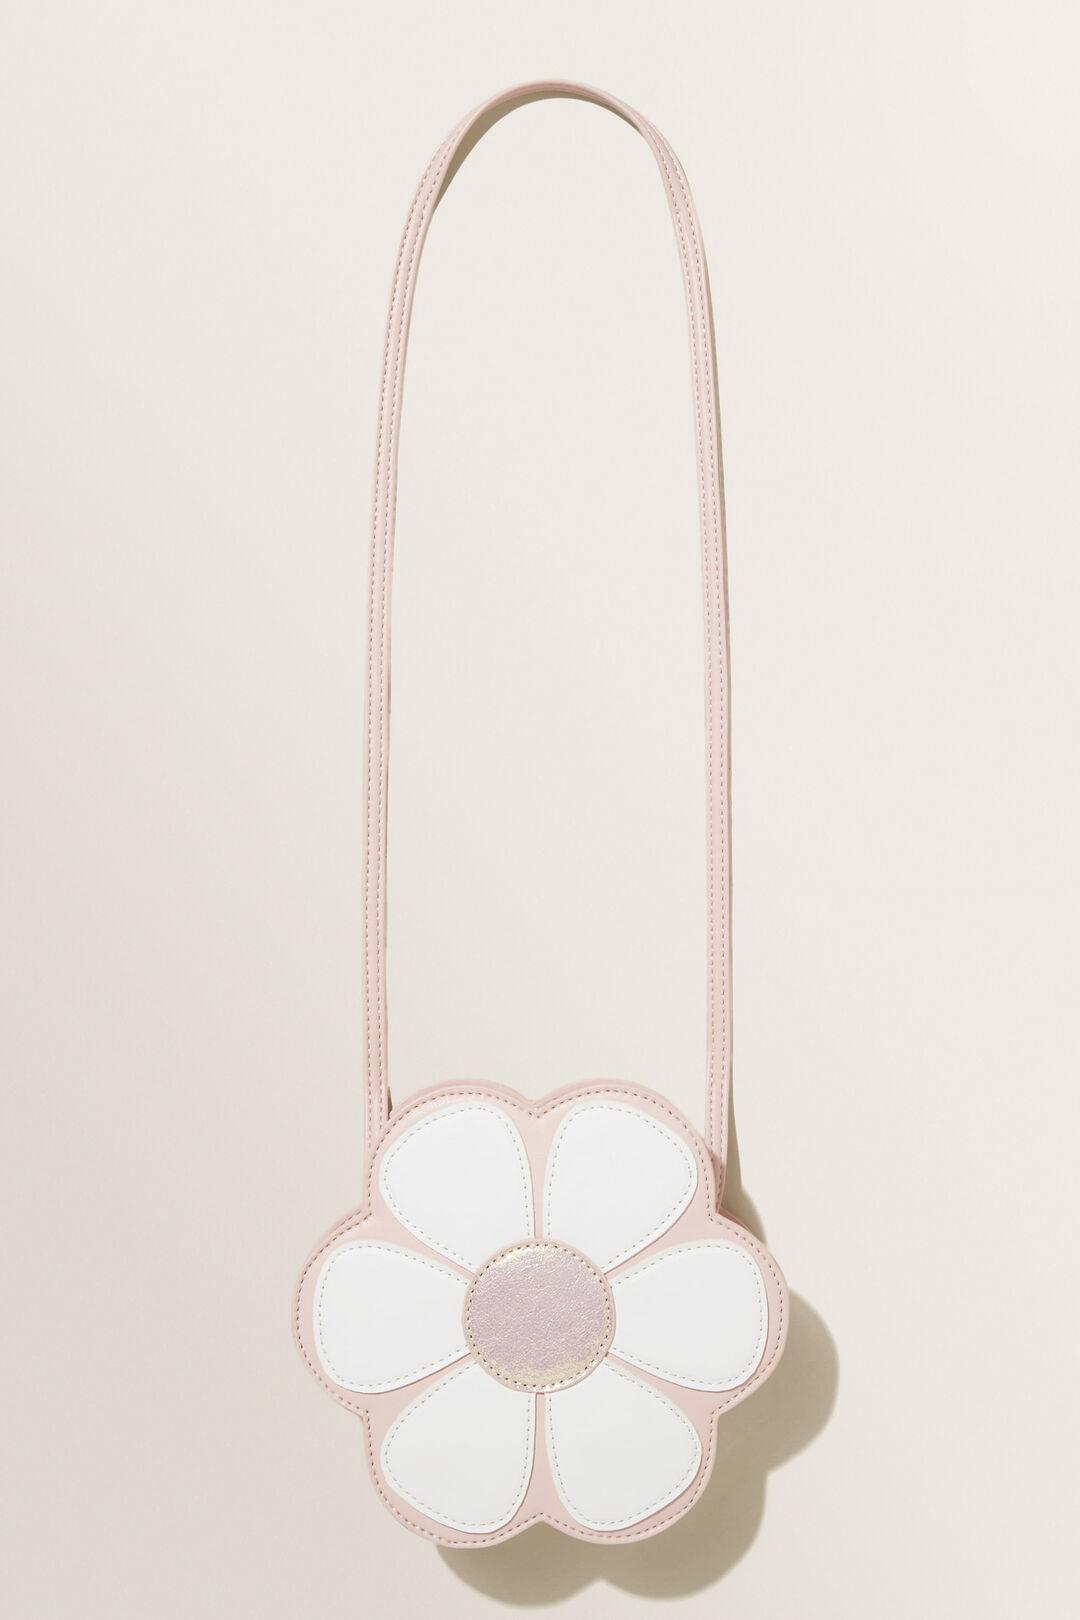 Flower Cross Body Bag  Multi  hi-res